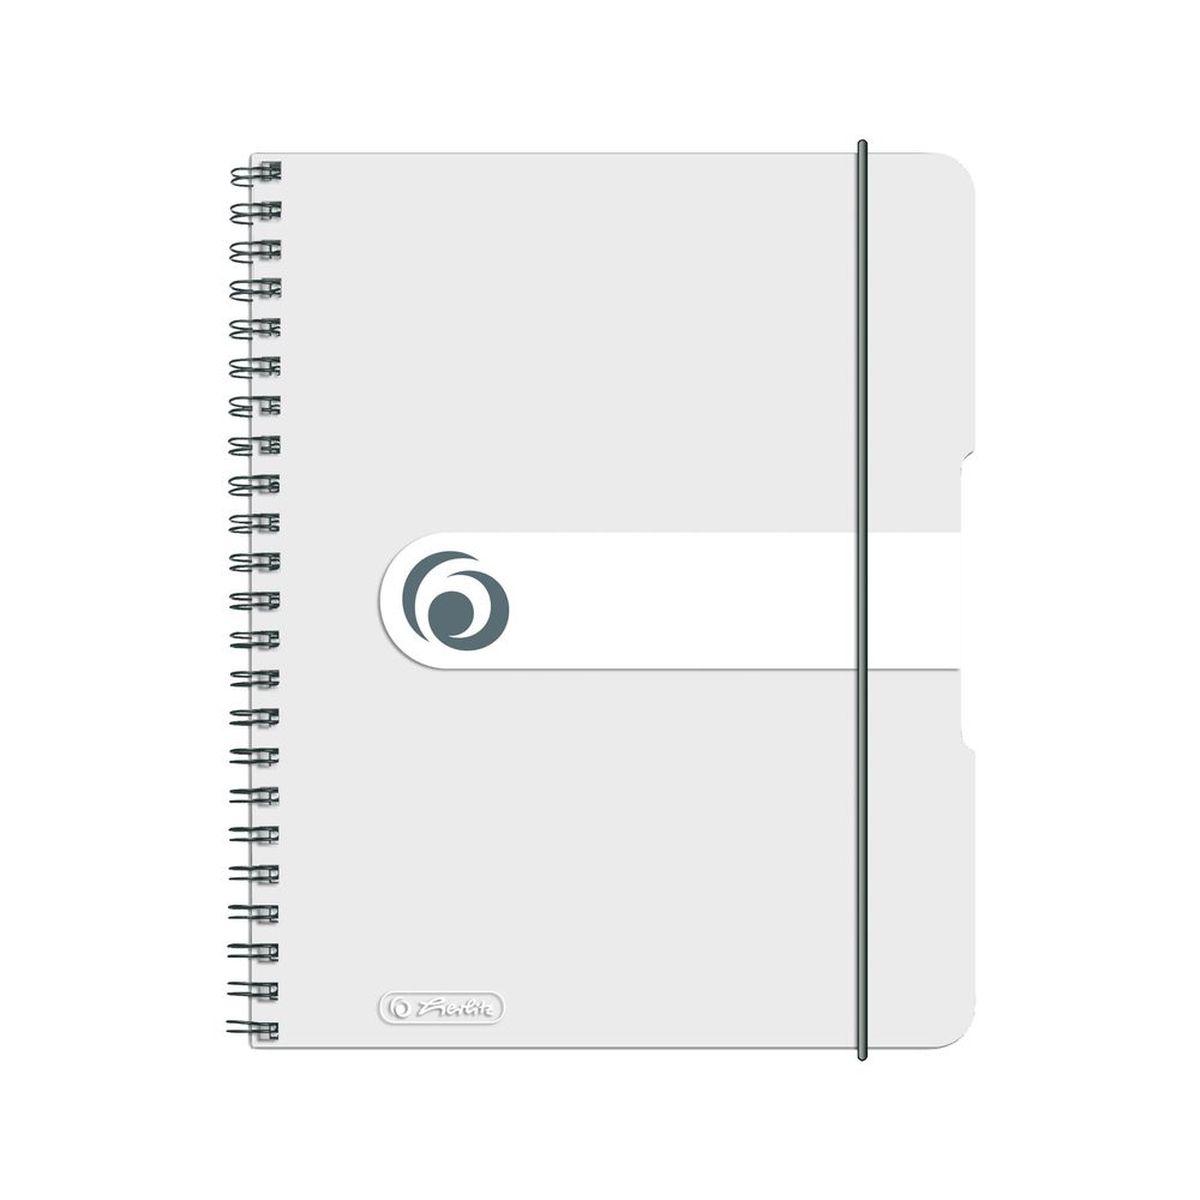 Herlitz Блокнот Easy Orga To Go 80 листов в клетку формат А5 цвет прозрачный72523WDУдобный блокнот от Herlitz Easy Orga To Go - незаменимый атрибут современного человека, необходимый для рабочих или школьных записей.Блокнот содержит 80 листов формата А5 в клетку без полей. Обложка выполнена из качественного полипропилена. Внутренний спиральный блок изготовлен из металла и гарантирует надежное крепление листов. Блокнот имеет закругленные углы и нежный дизайн бордового цвета.Блокнот для записей от Herlitz Easy Orga To Go станет достойным аксессуаром среди ваших канцелярских принадлежностей. Это отличный подарок как коллеге или деловому партнеру, так и близким людям.